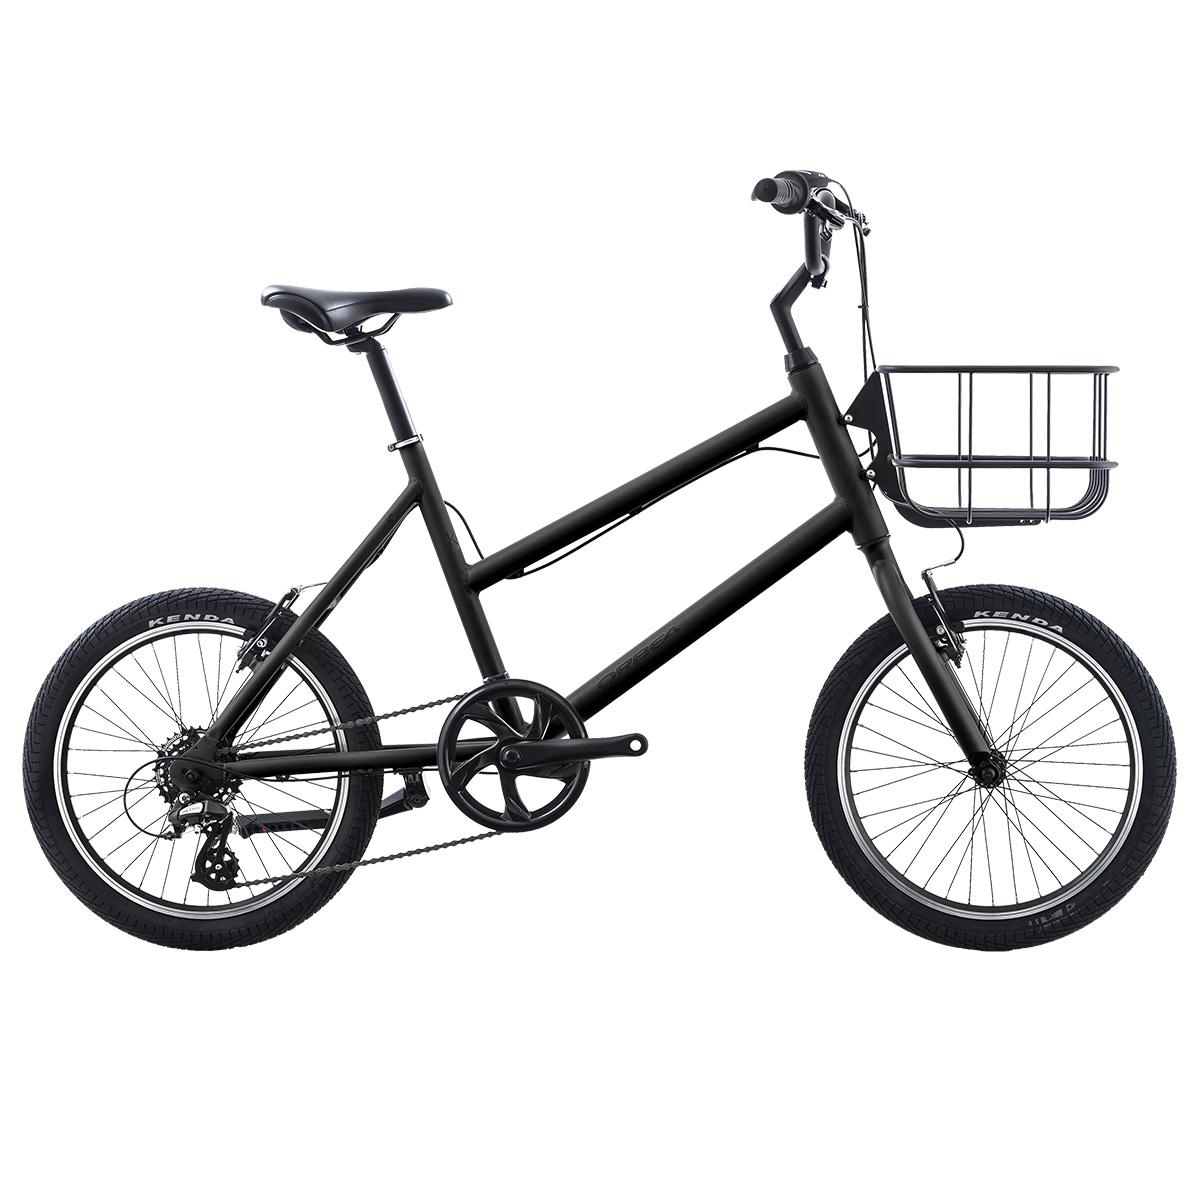 Image of   Orbea Katu 50 unisex cykel med 7 gear - Sort